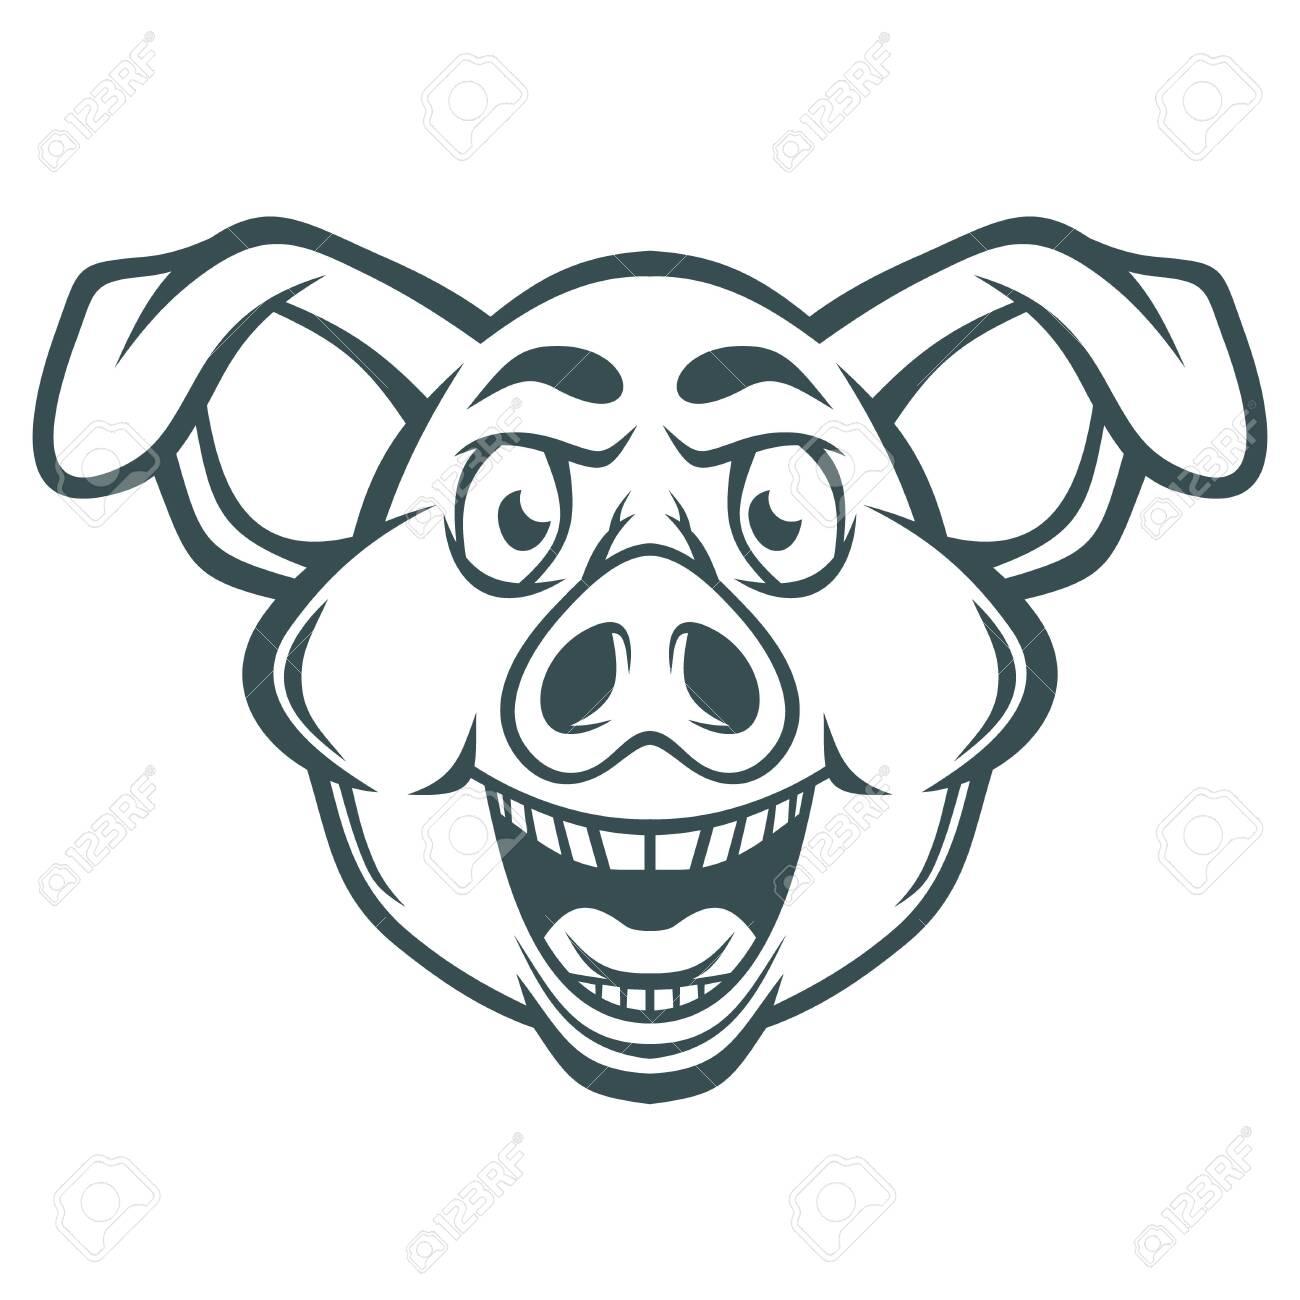 Funny crazy pig face. - 137241195